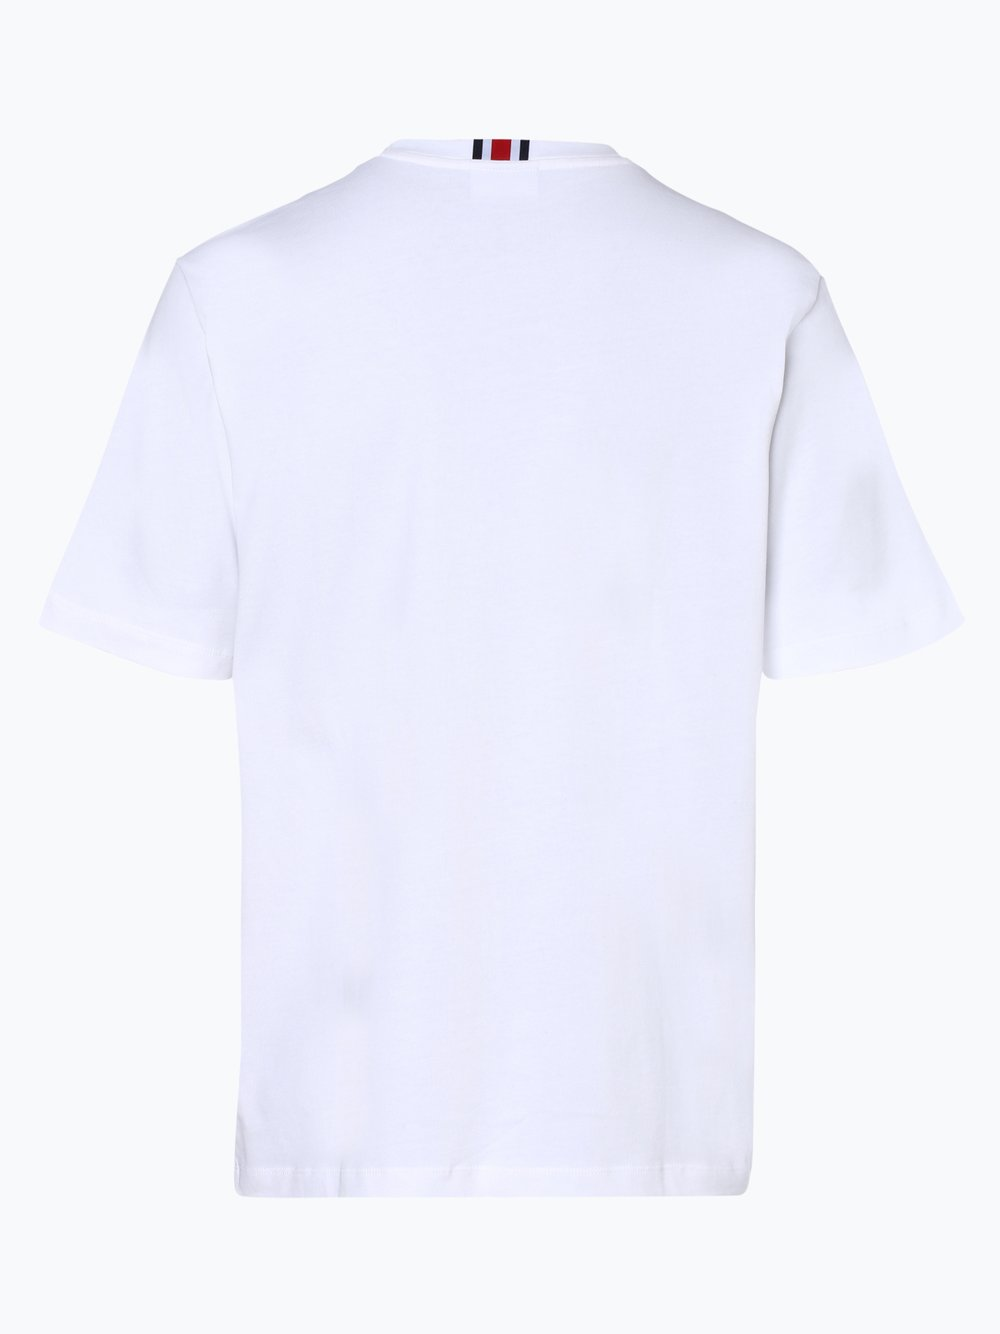 sports shoes b04ca 01569 Tommy Hilfiger Herren T-Shirt - Lewis Hamilton online kaufen ...